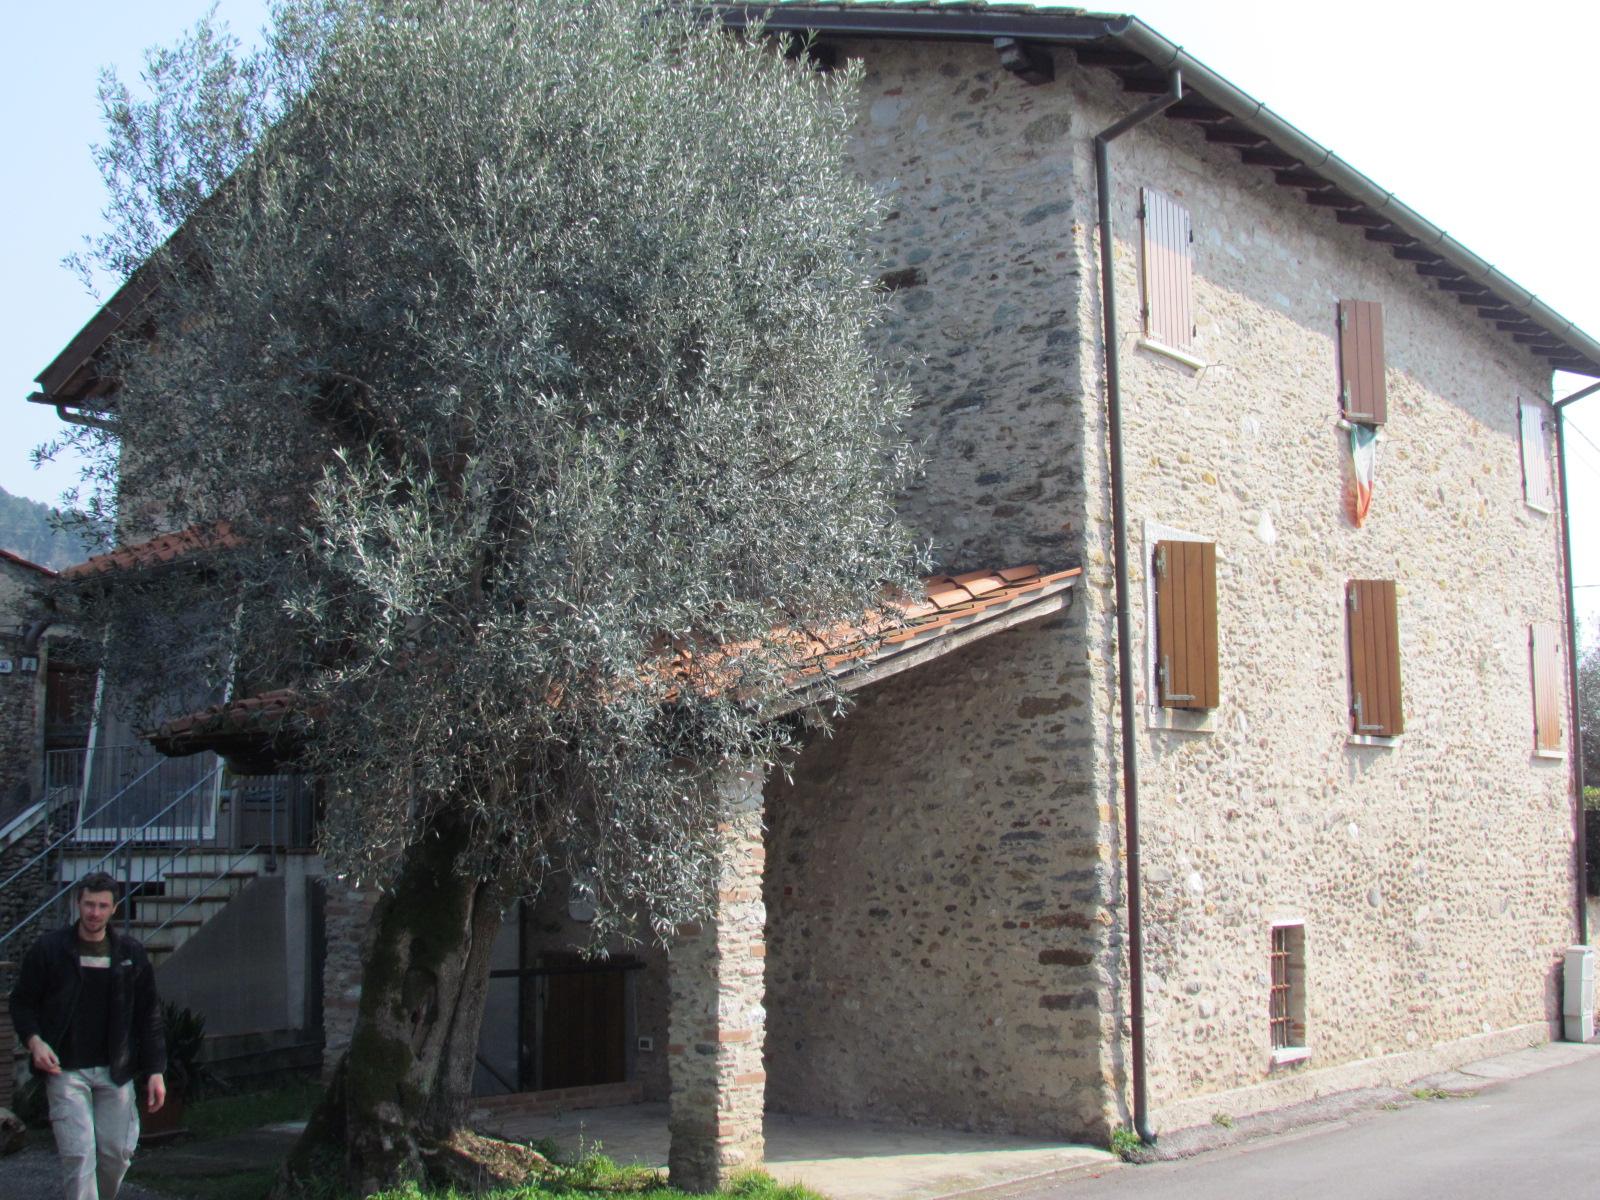 Rustico / Casale in vendita a Seravezza, 5 locali, zona Zona: Pozzi, prezzo € 298.000 | CambioCasa.it